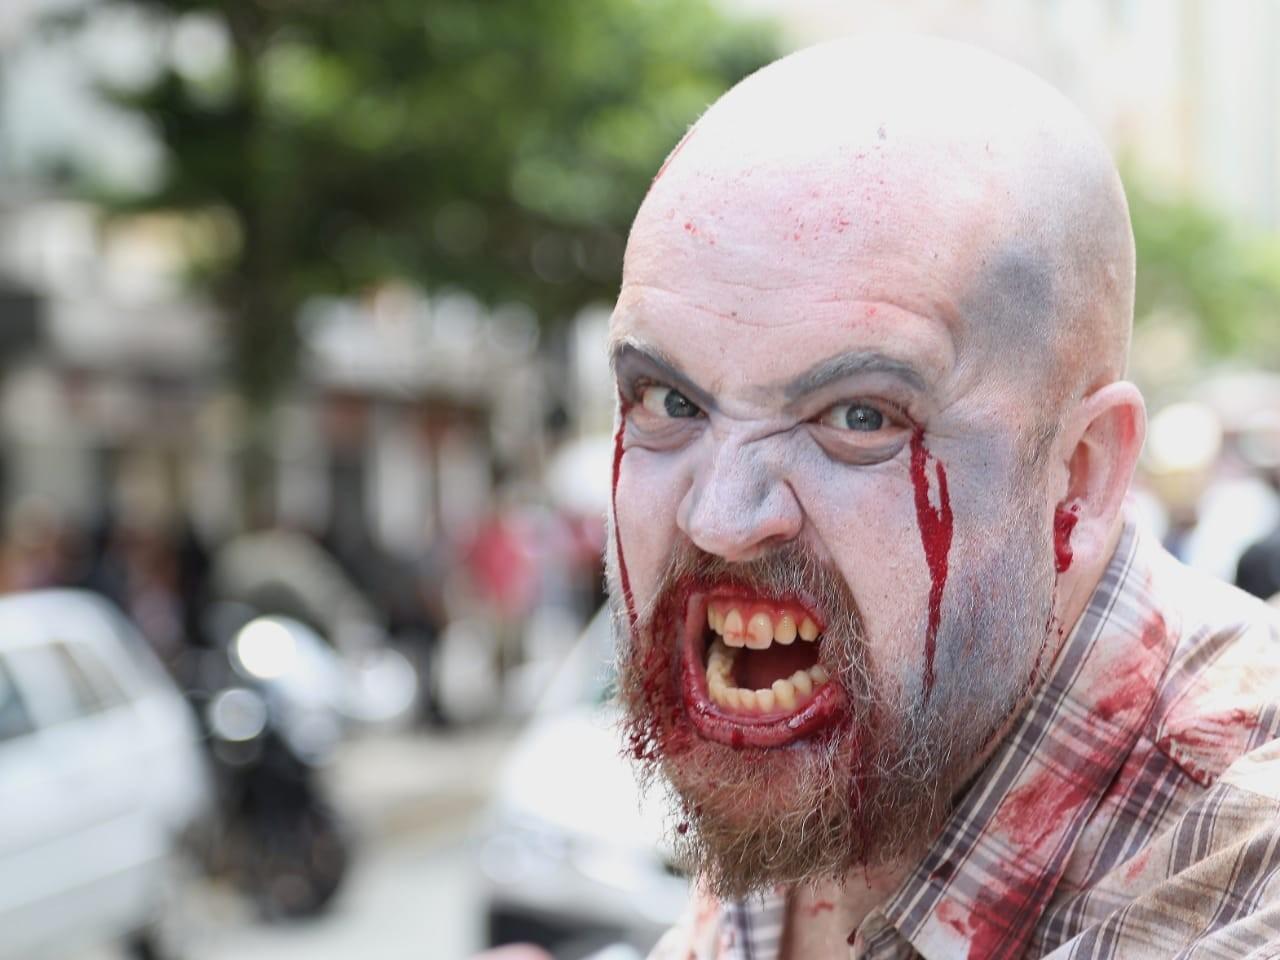 FOTOS: veja imagens da Zombie Walk de 2020, em Curitiba